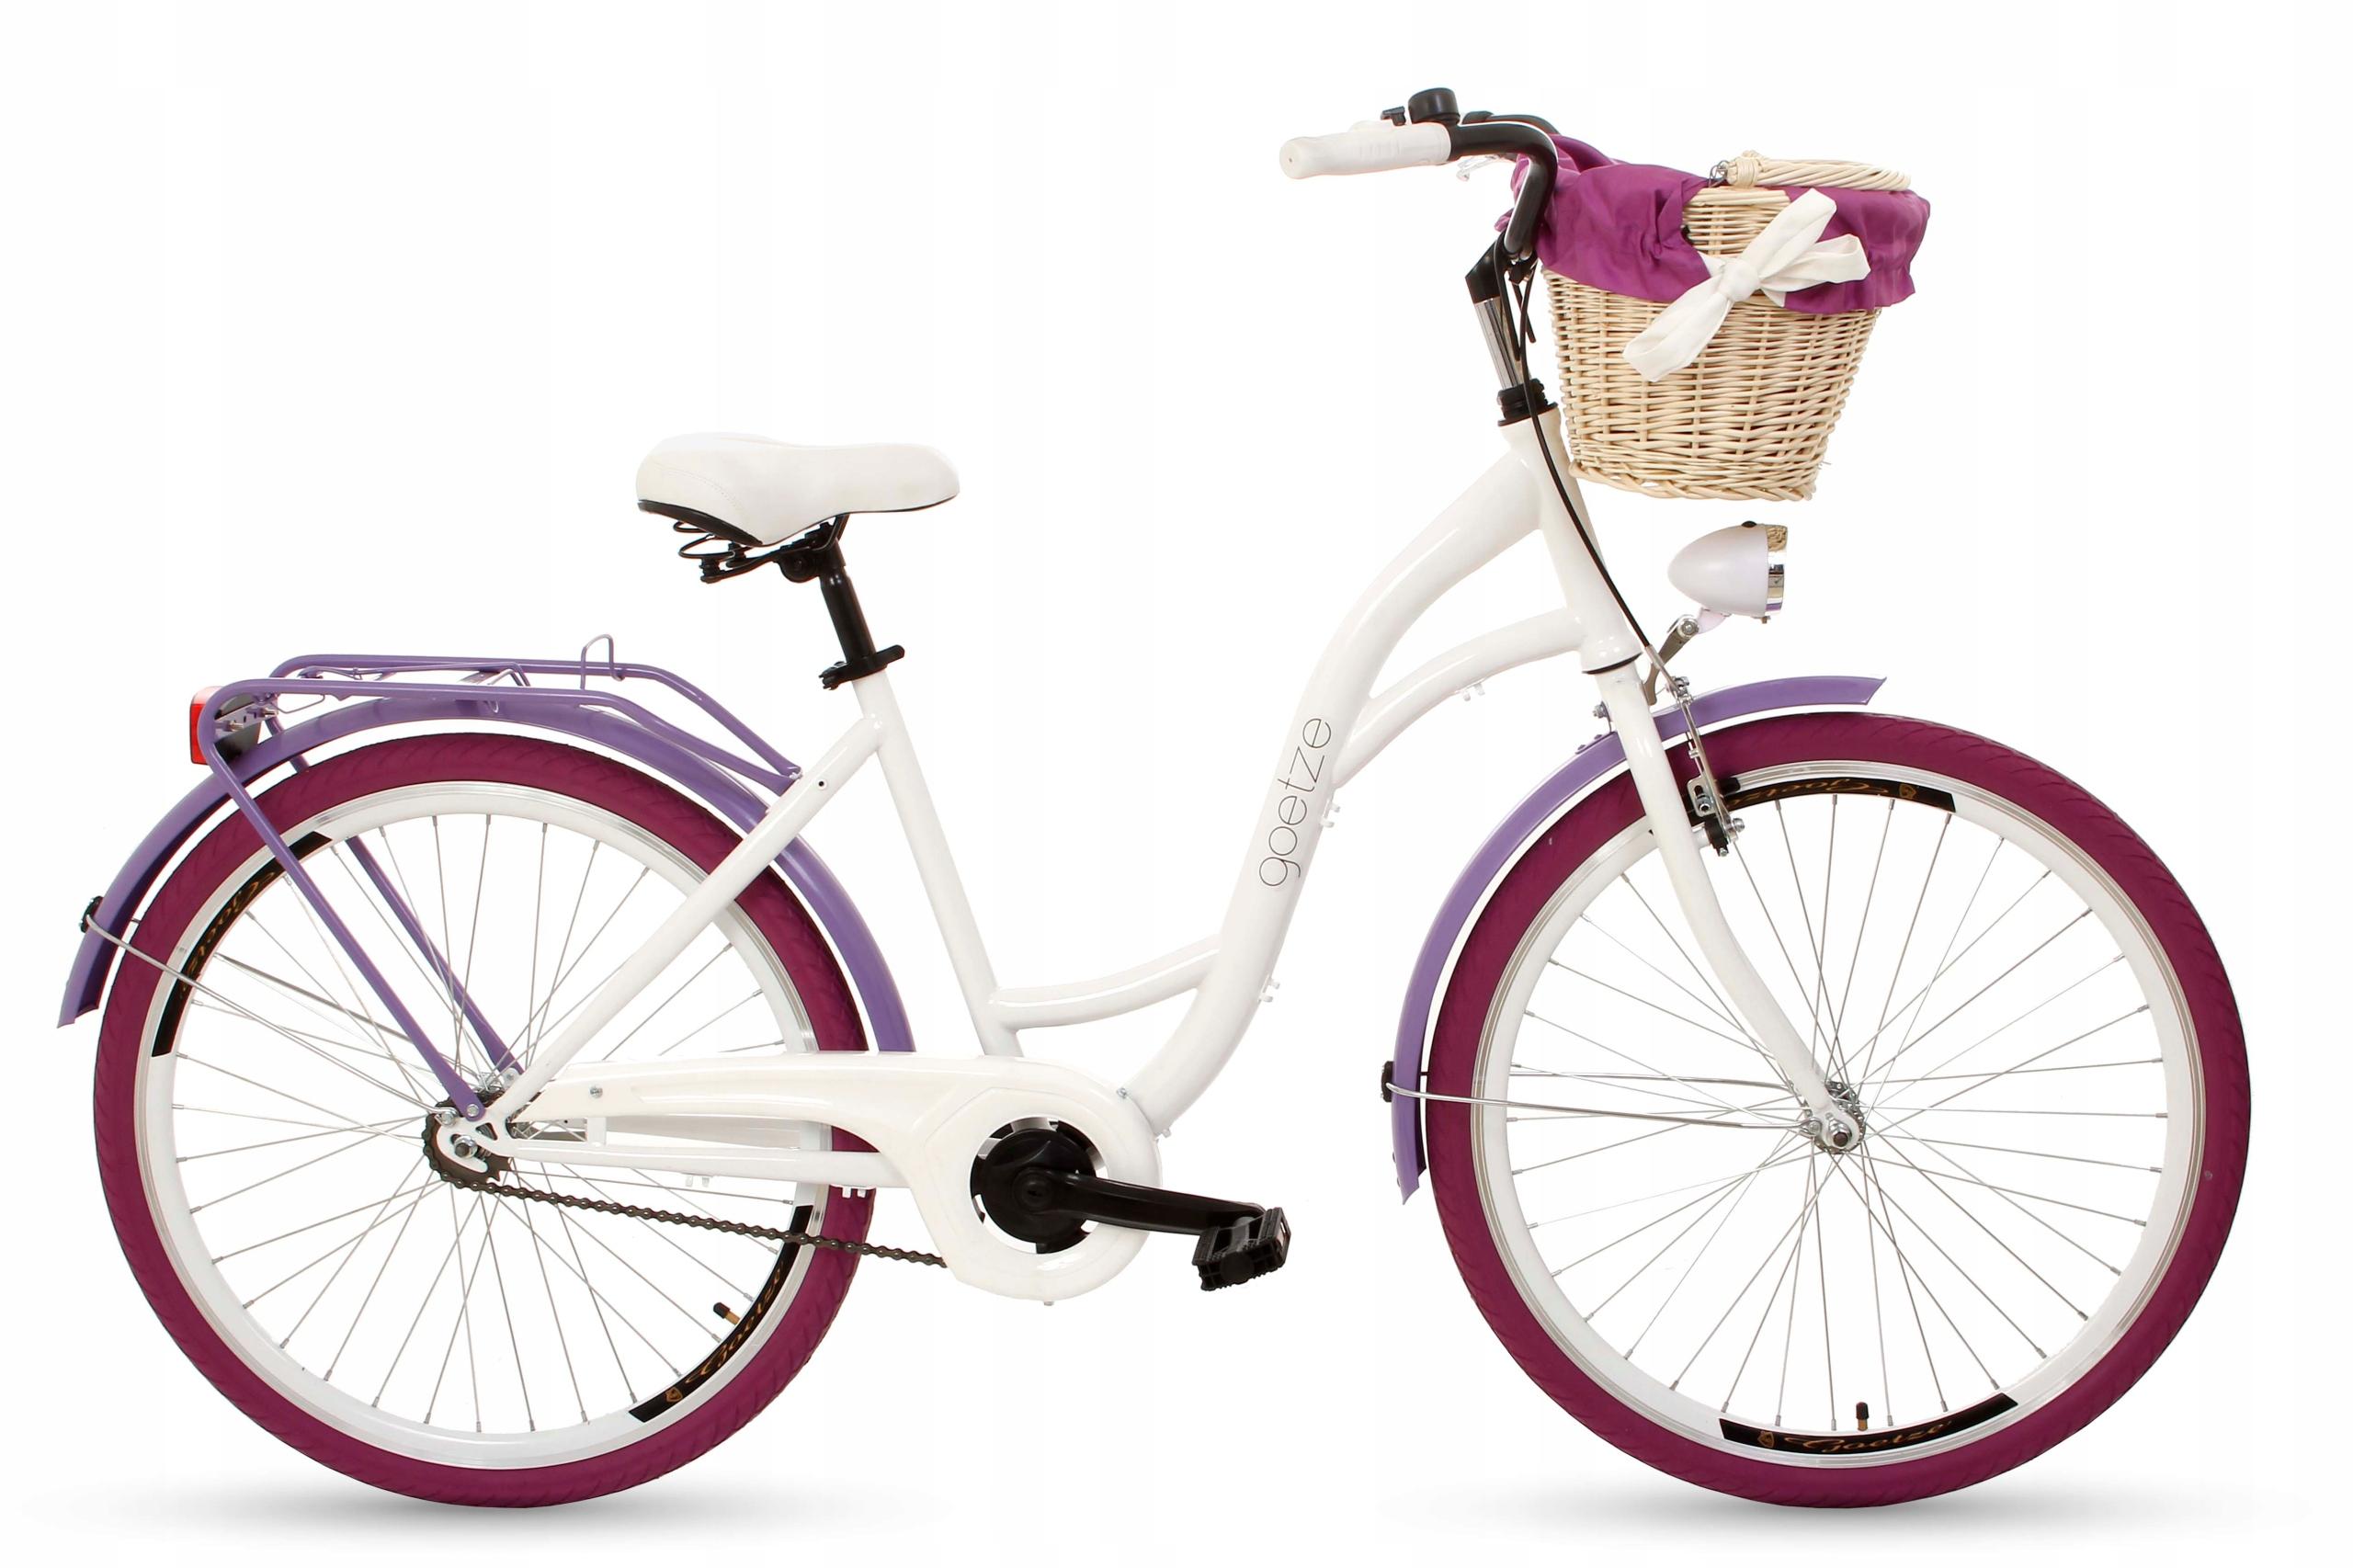 Dámsky mestský bicykel Goetze COLORS 26 košík!